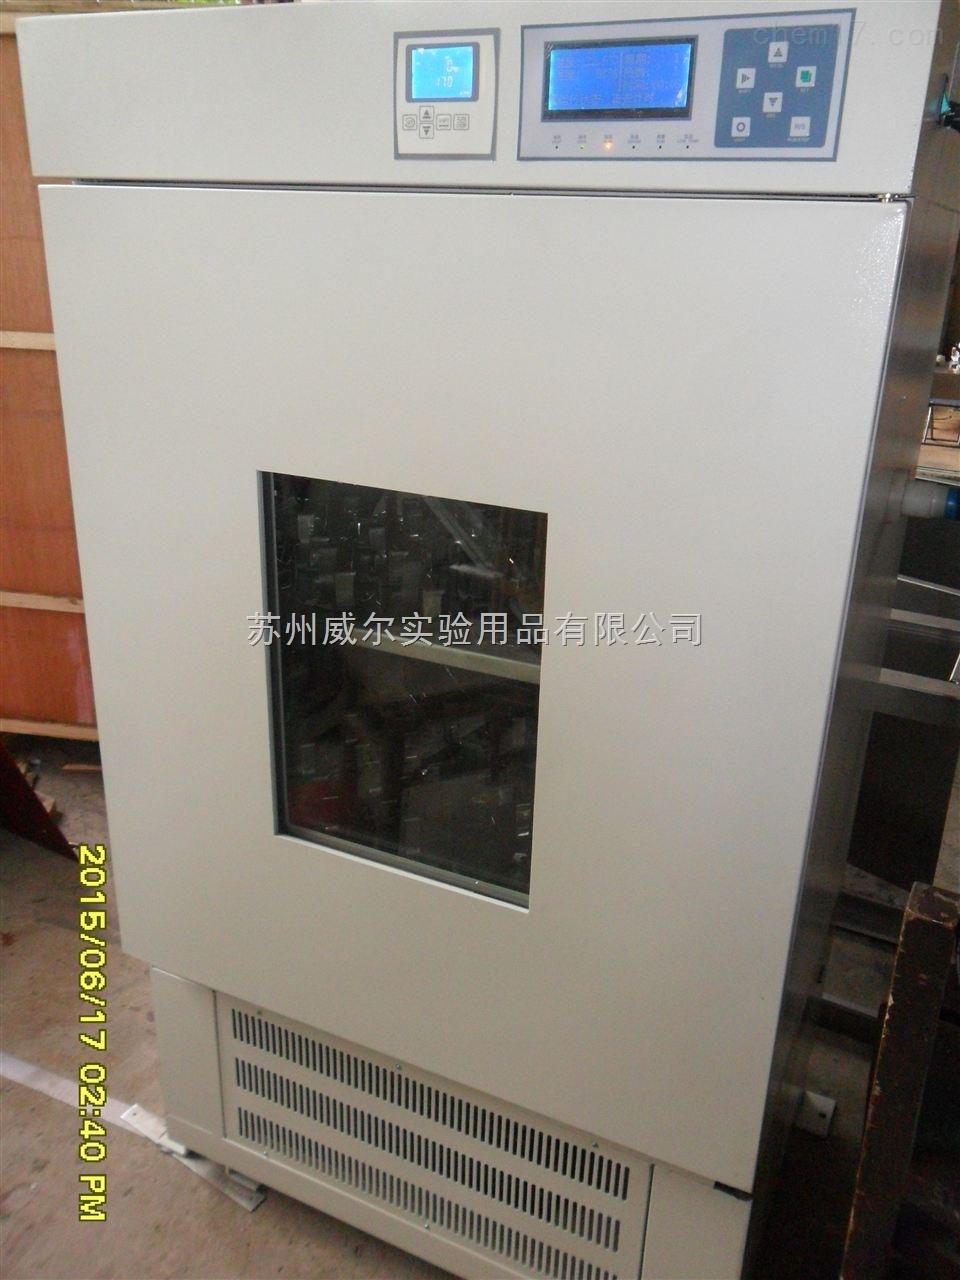 我司主打产品——多功能恒温恒湿振荡培养箱(双组振荡变频调速)